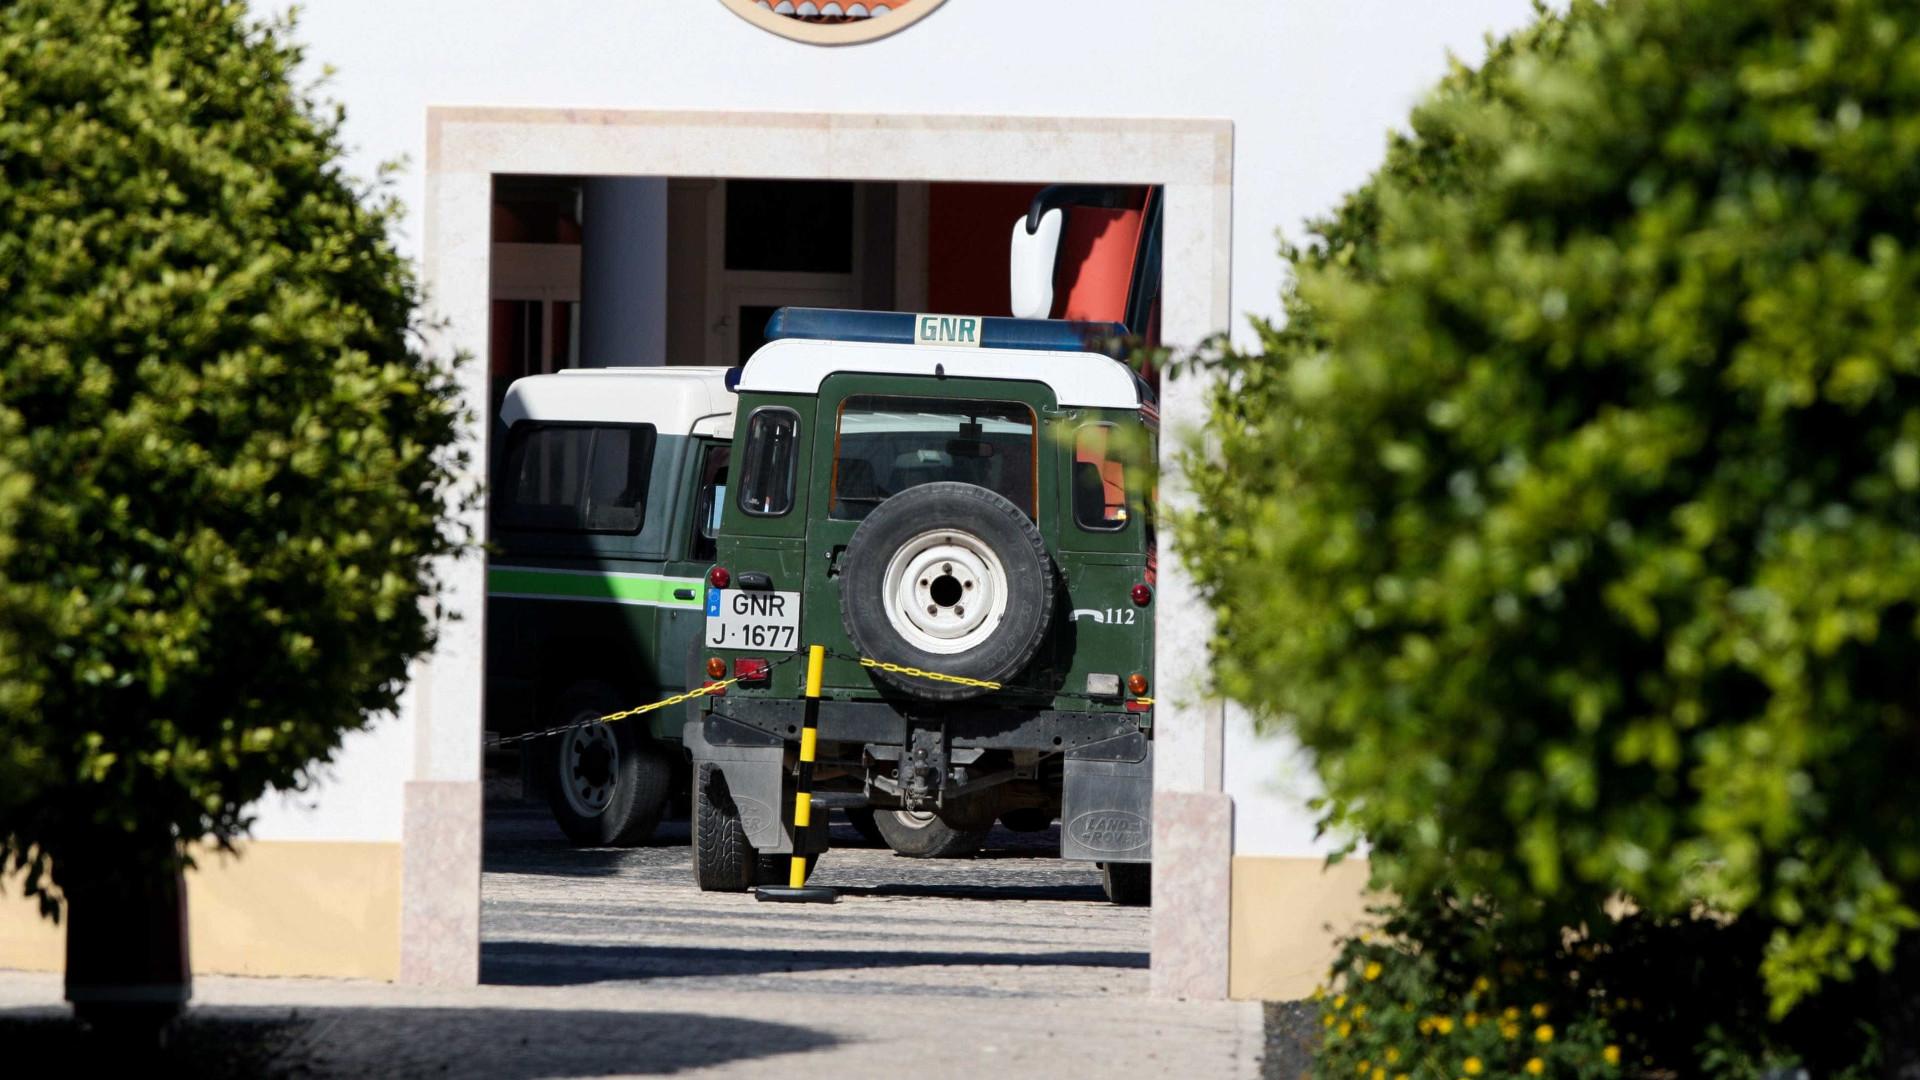 Militares da GNR acusados de agredir mulher em Ílhavo